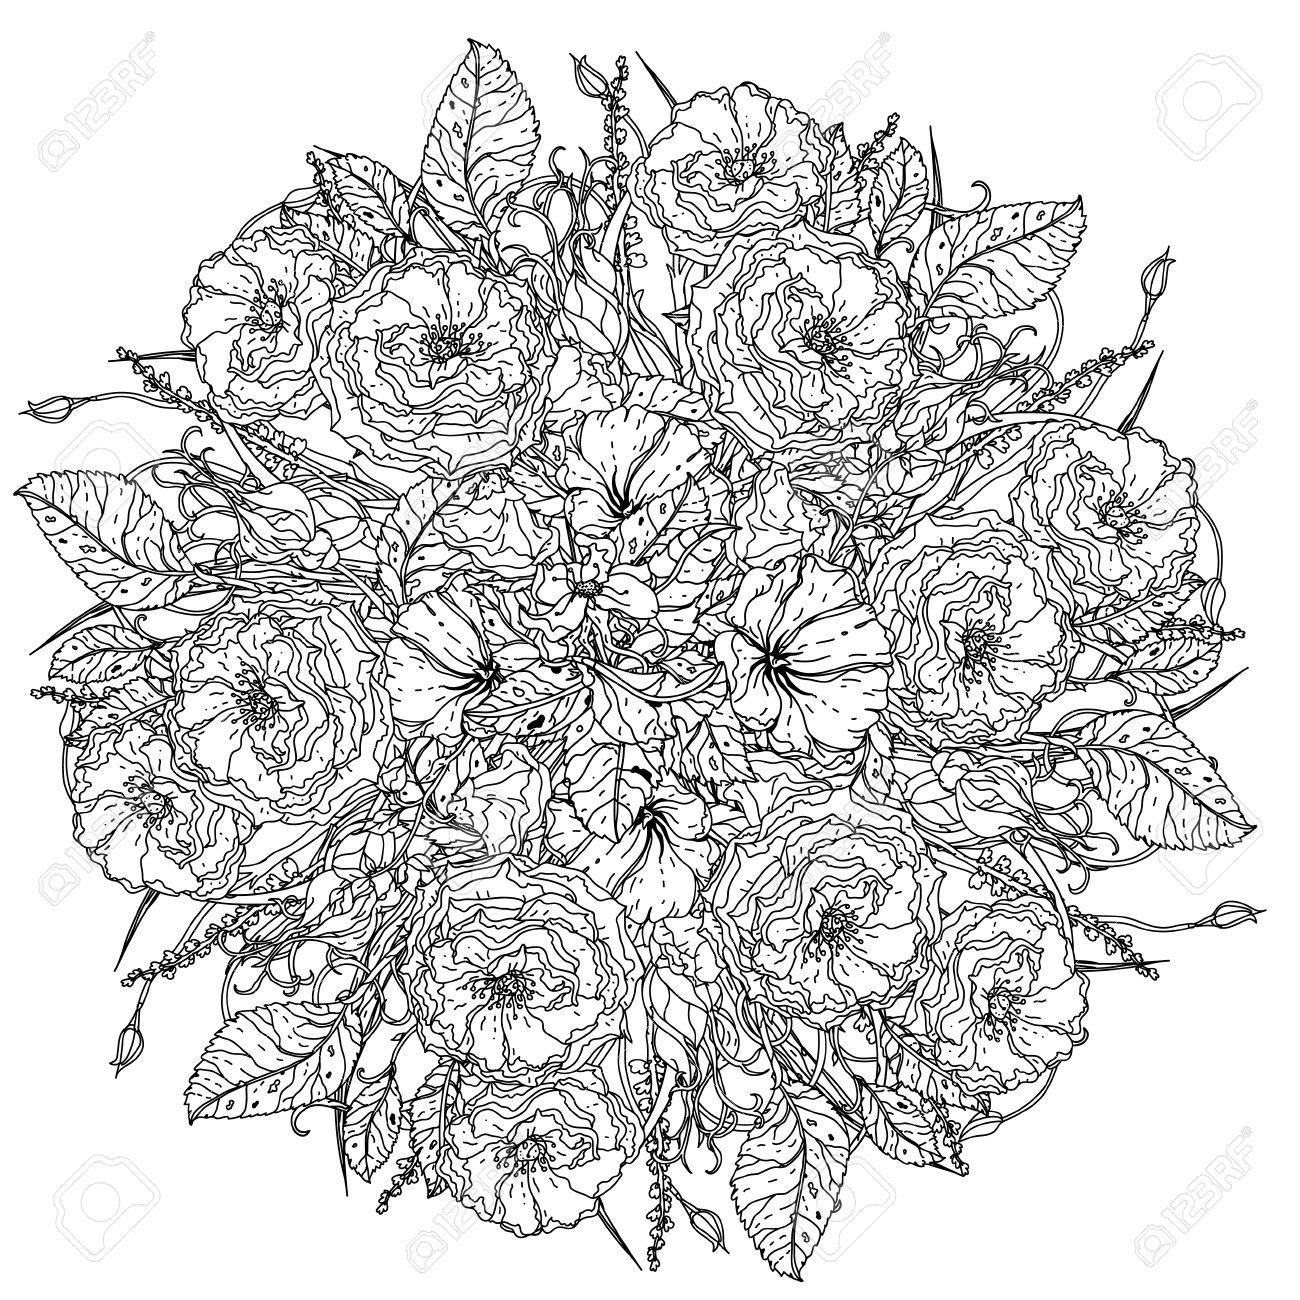 Fleurs De Luxe Bouquet En Forme De Mandala Pour Livre De Coloriage Pour Adultes Ou Pour Zen Art Therapie Dessin Anti Stress Hand Drawn Vecteur Mandala Uncolored Detaillee Pour Le Livre De Coloriage T Shirt